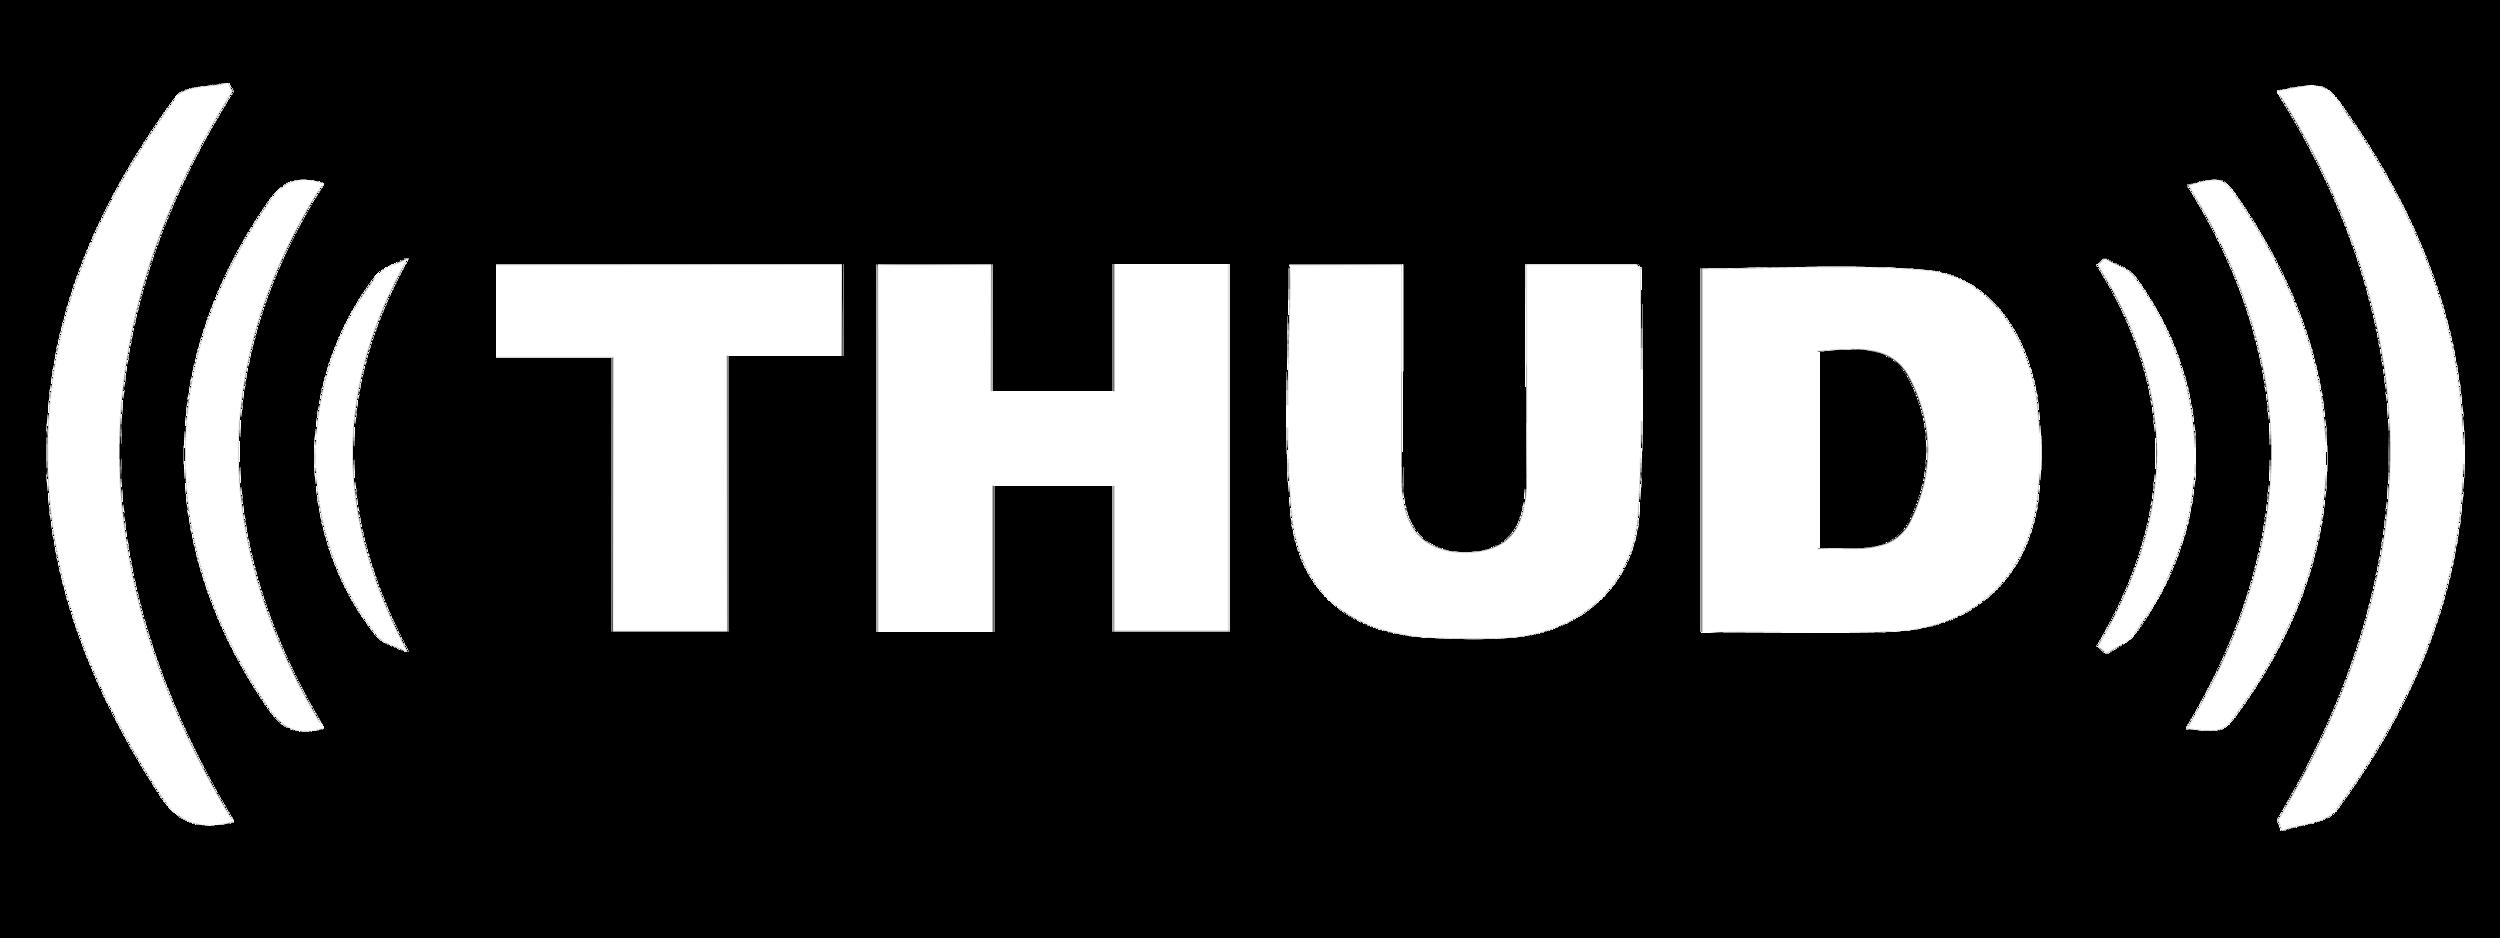 thudlogonobackground-2.png